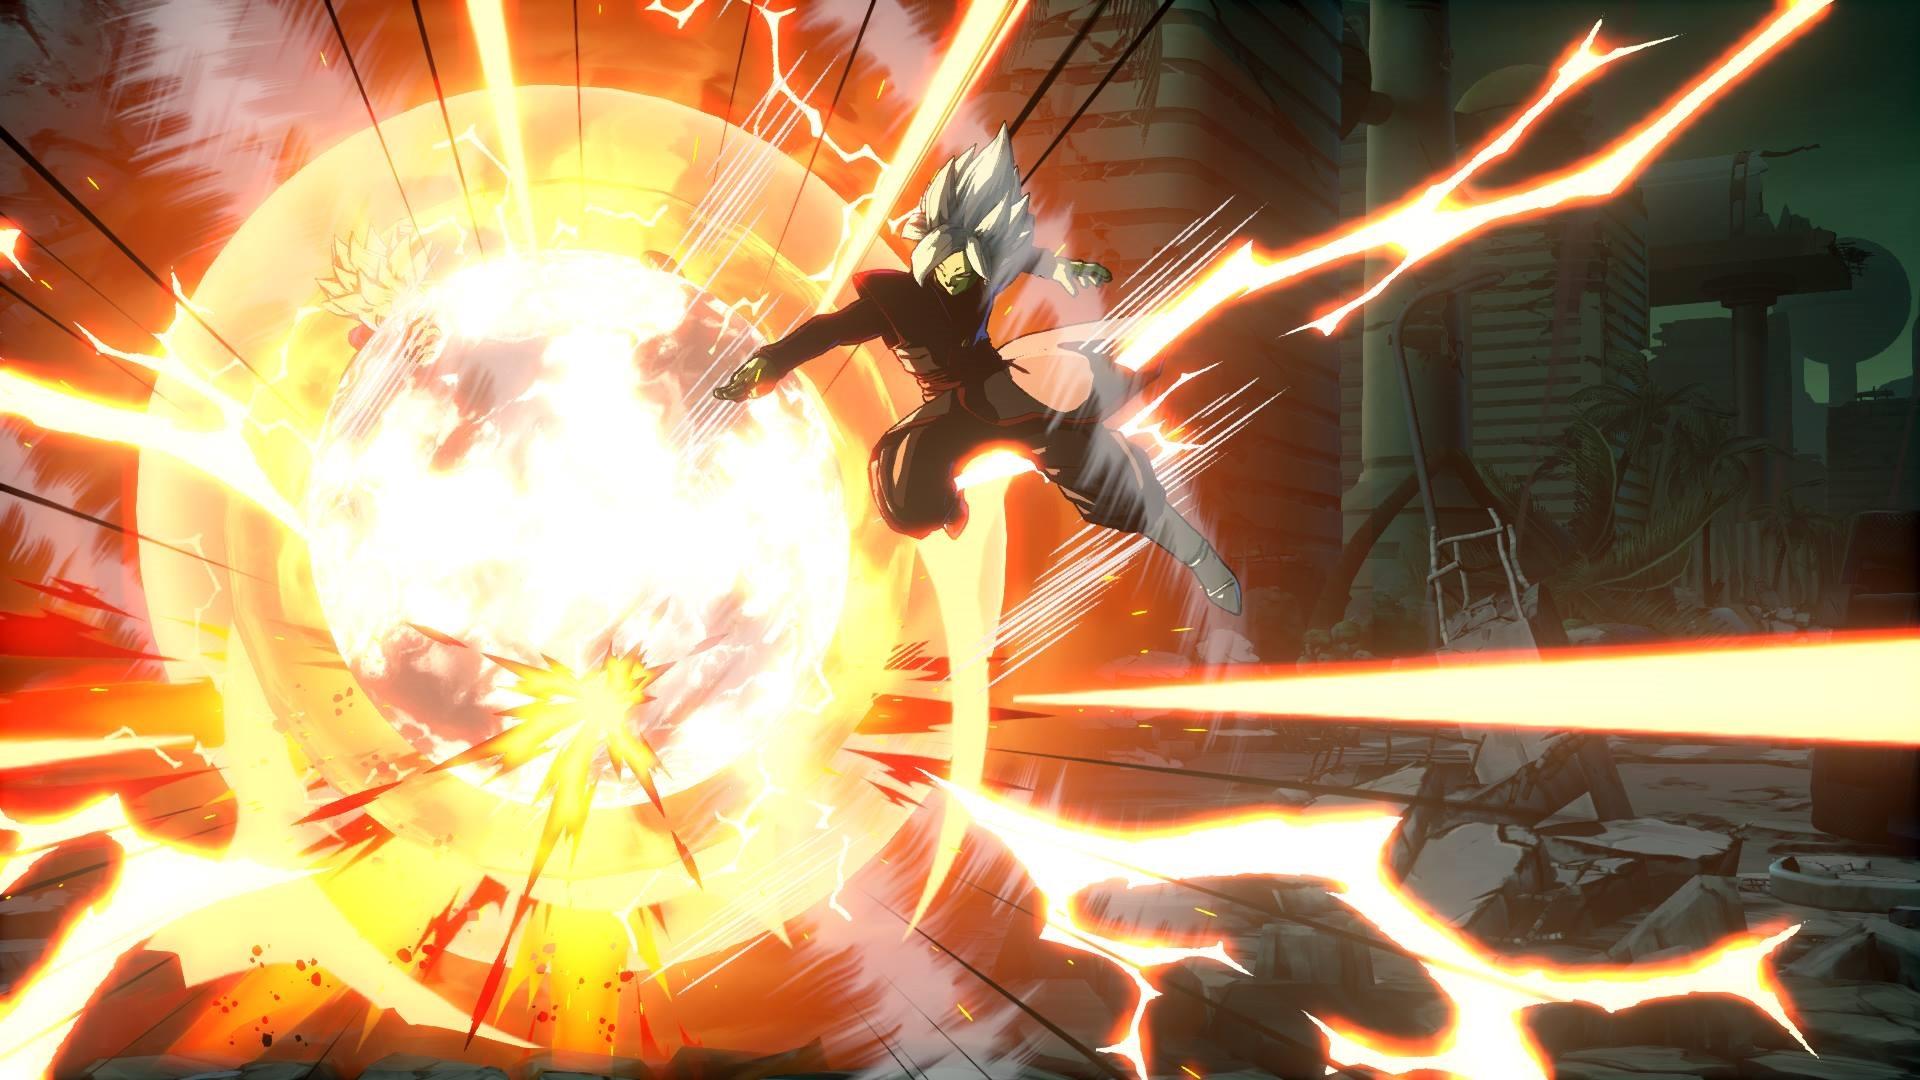 Fused Zamasu, novo lutador de Dragon Ball FighterZ, ganha imagens inéditas